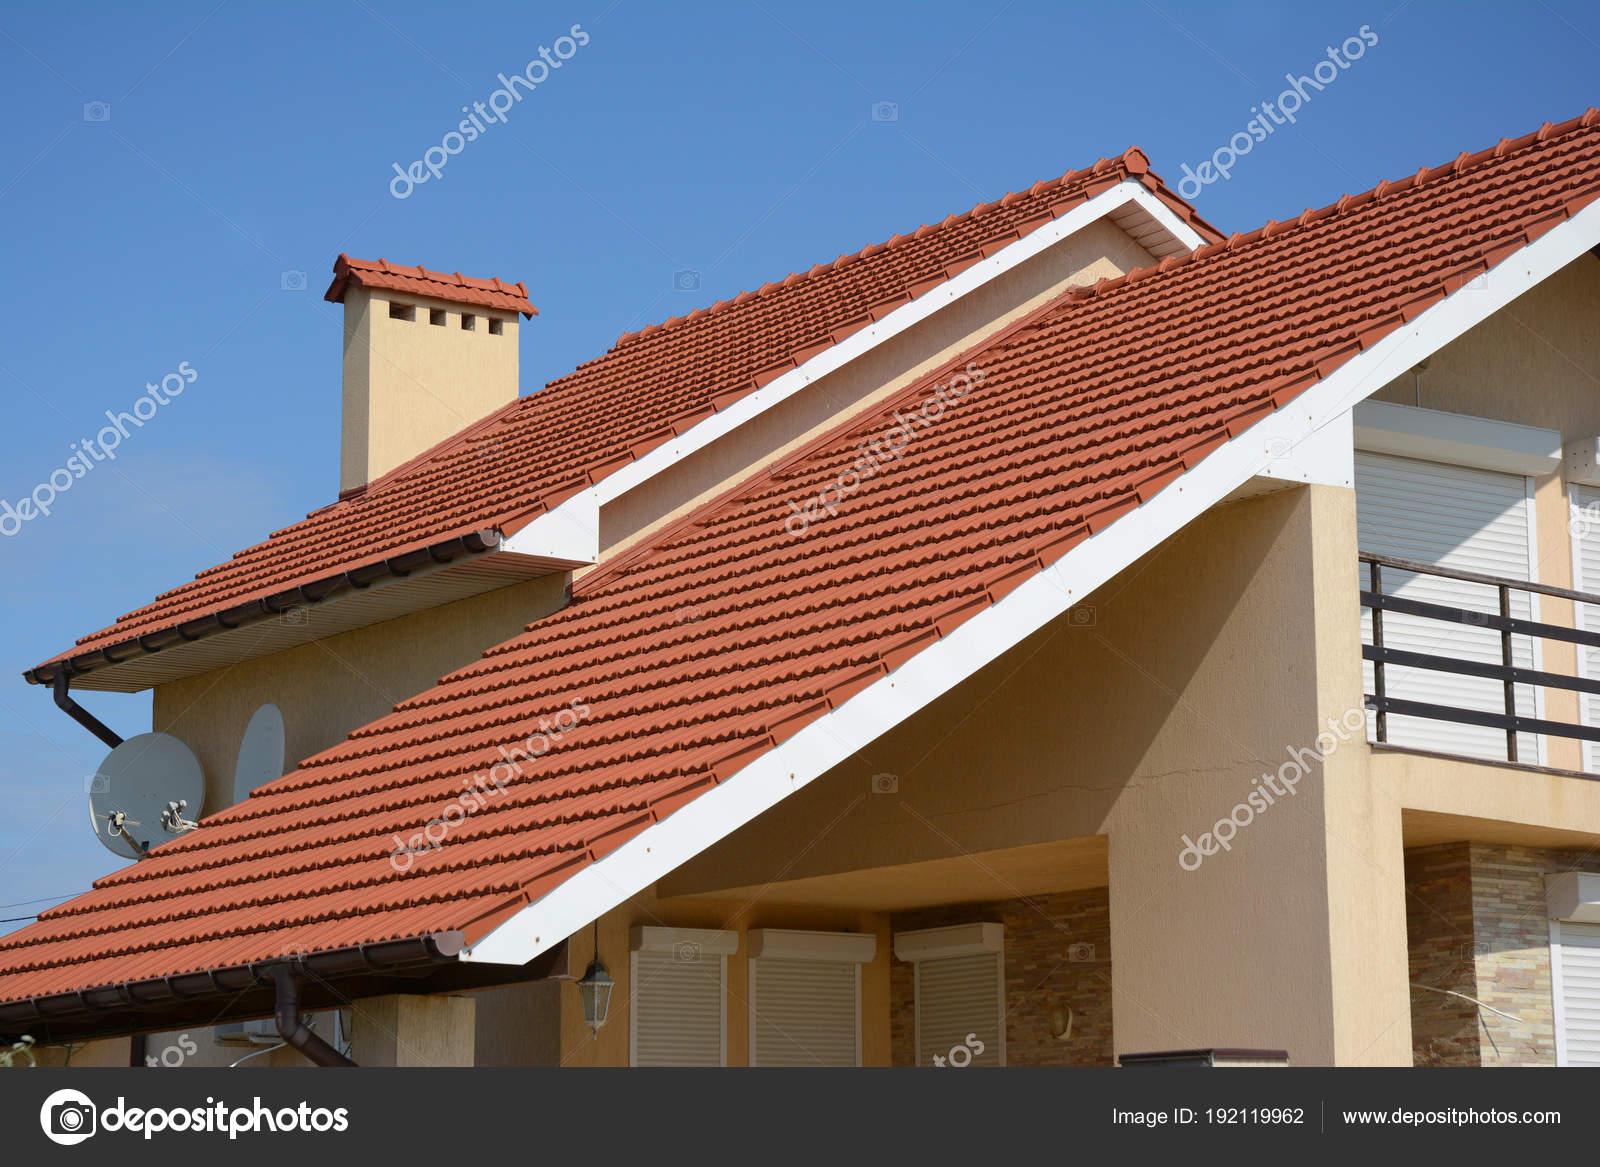 Maison avec de l argile tuile de toit goutti re chemin e gable et vall e du type de for Tuile de maison